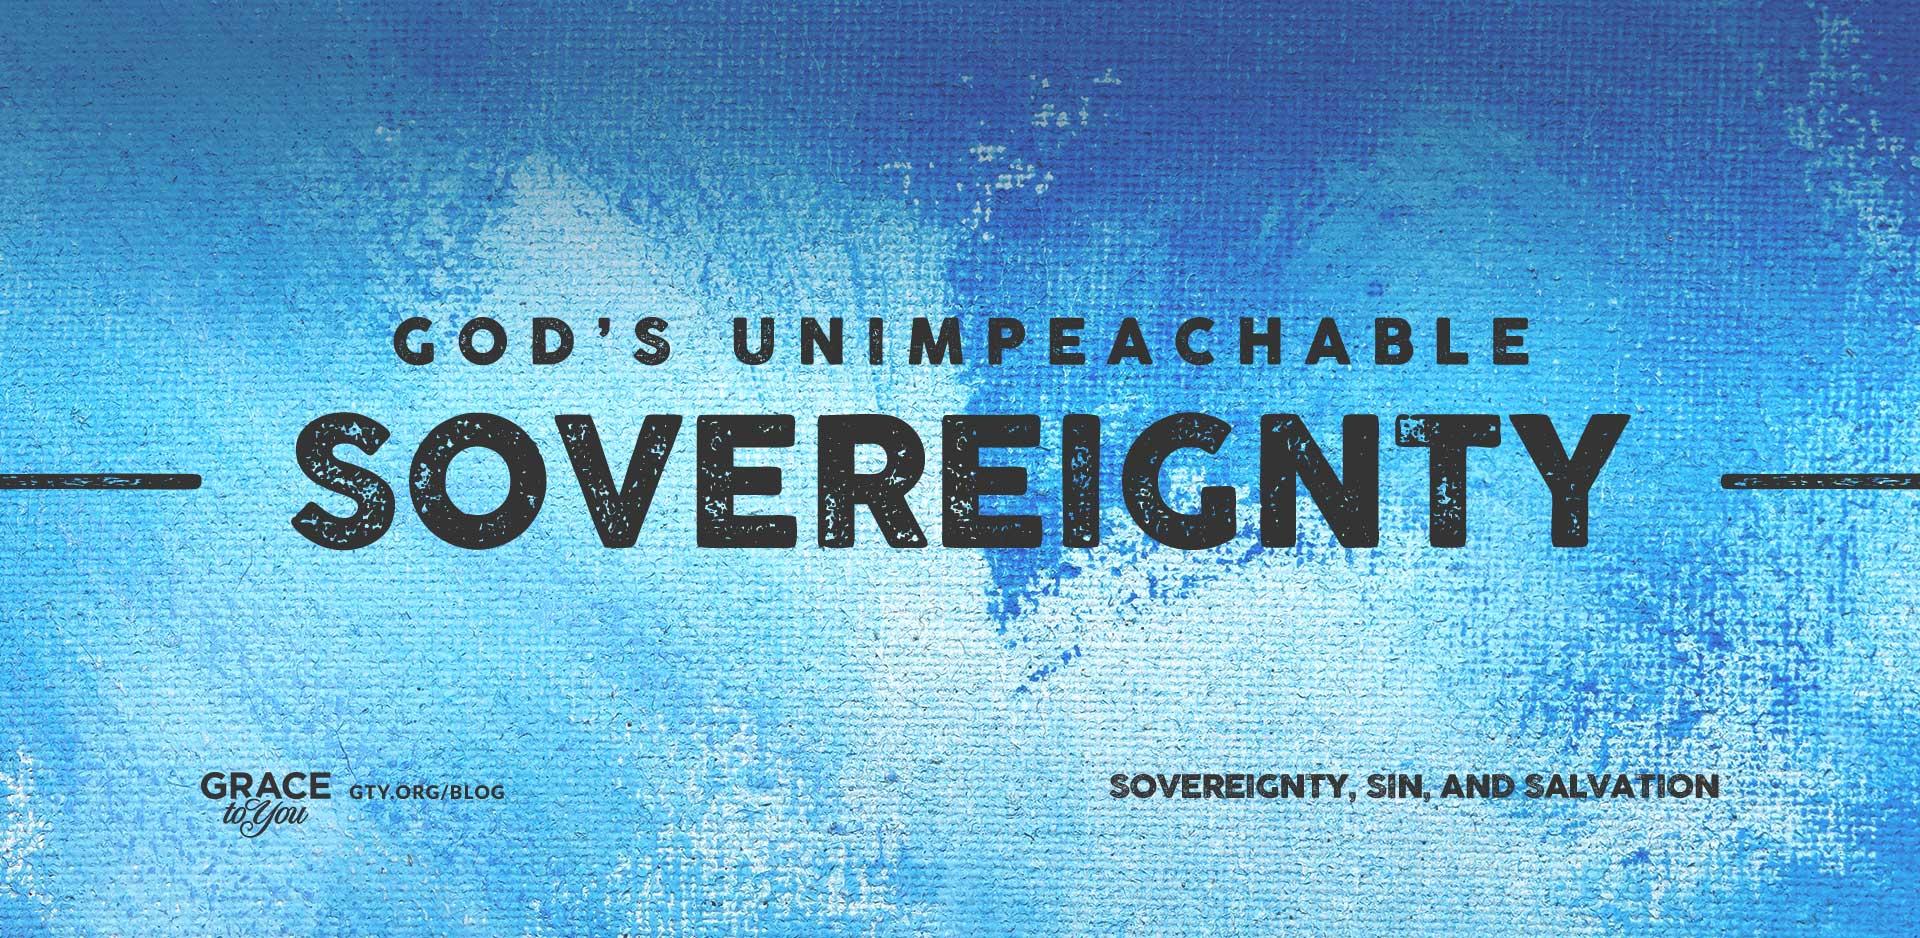 God's Unimpeachable Sovereignty